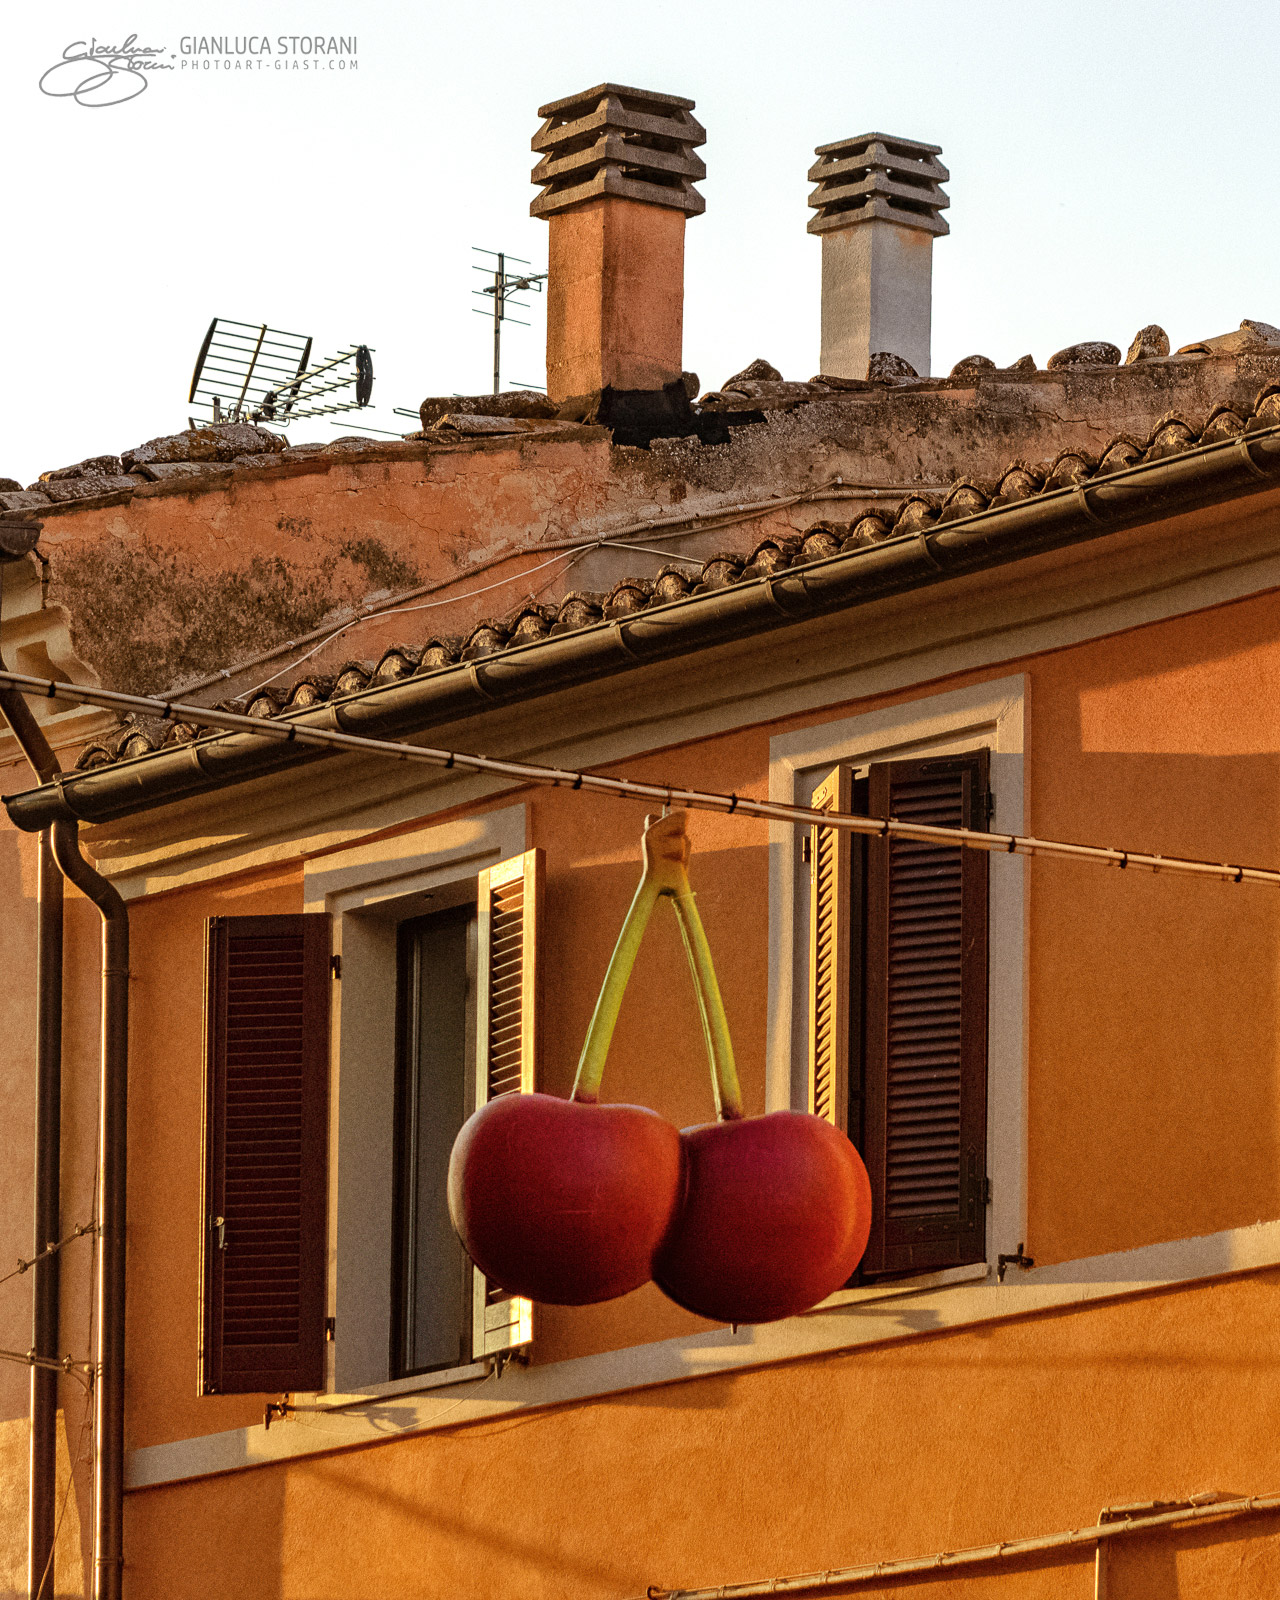 Festa del Vì de Visciola 2017 - Gianluca Storani Photo Art (ID: 4-5030)